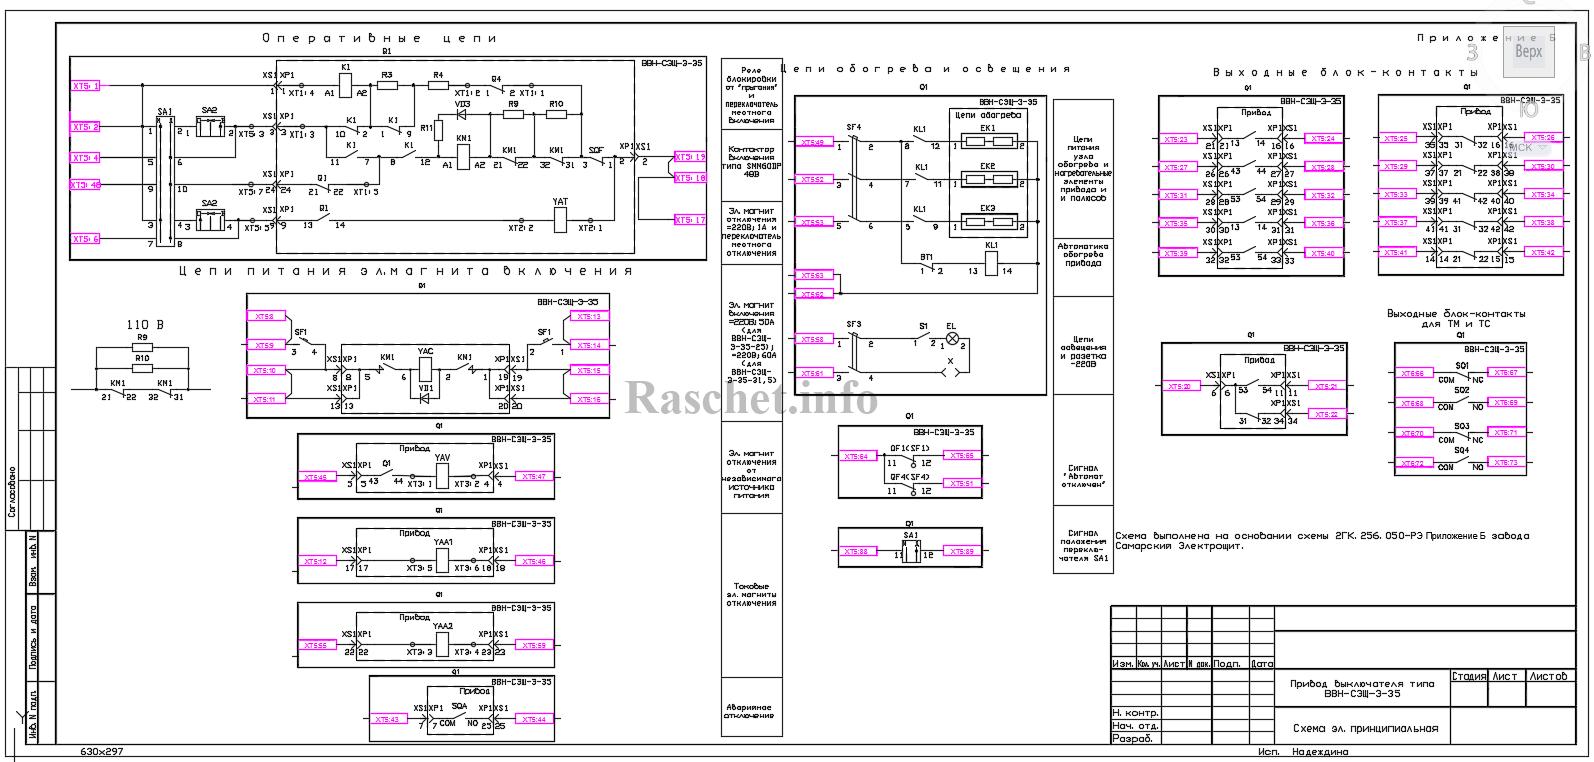 Схема привода выключателя ВВН-СЭЩ-Э-35 в формате dwg